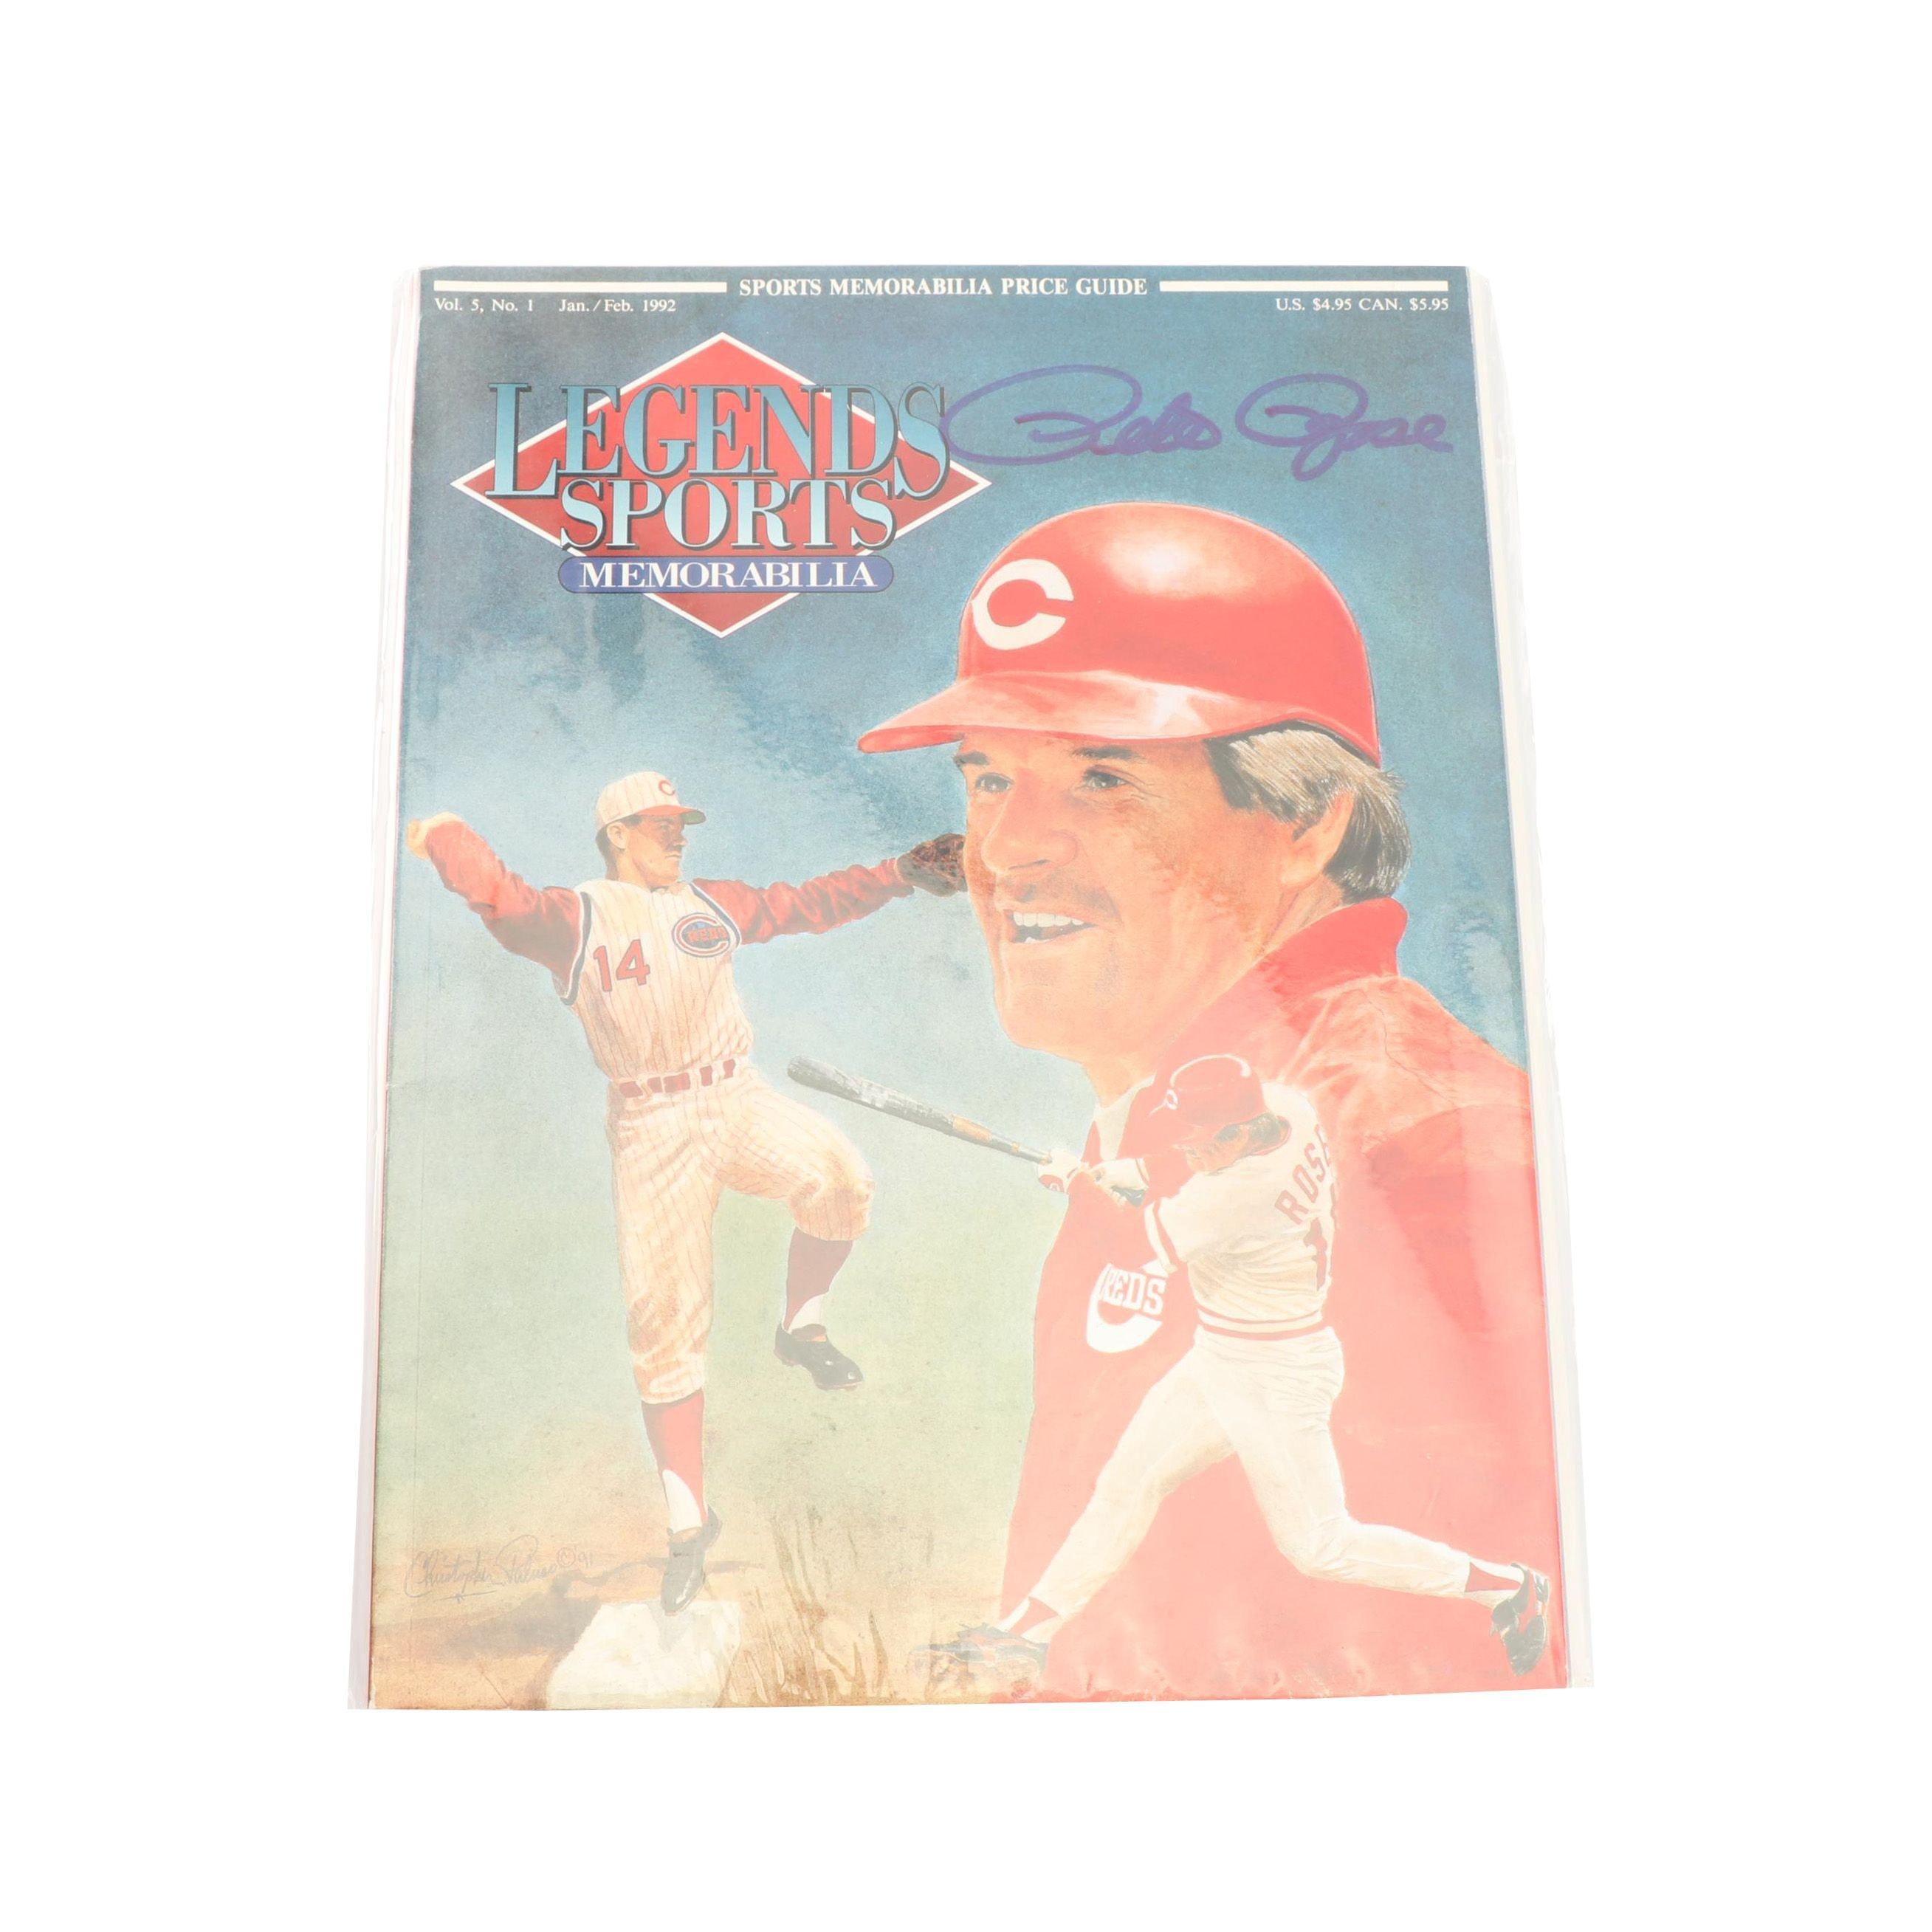 """Pete Rose Autographed 1992 """"Legends Sports Memorabilia"""" Price Guide"""